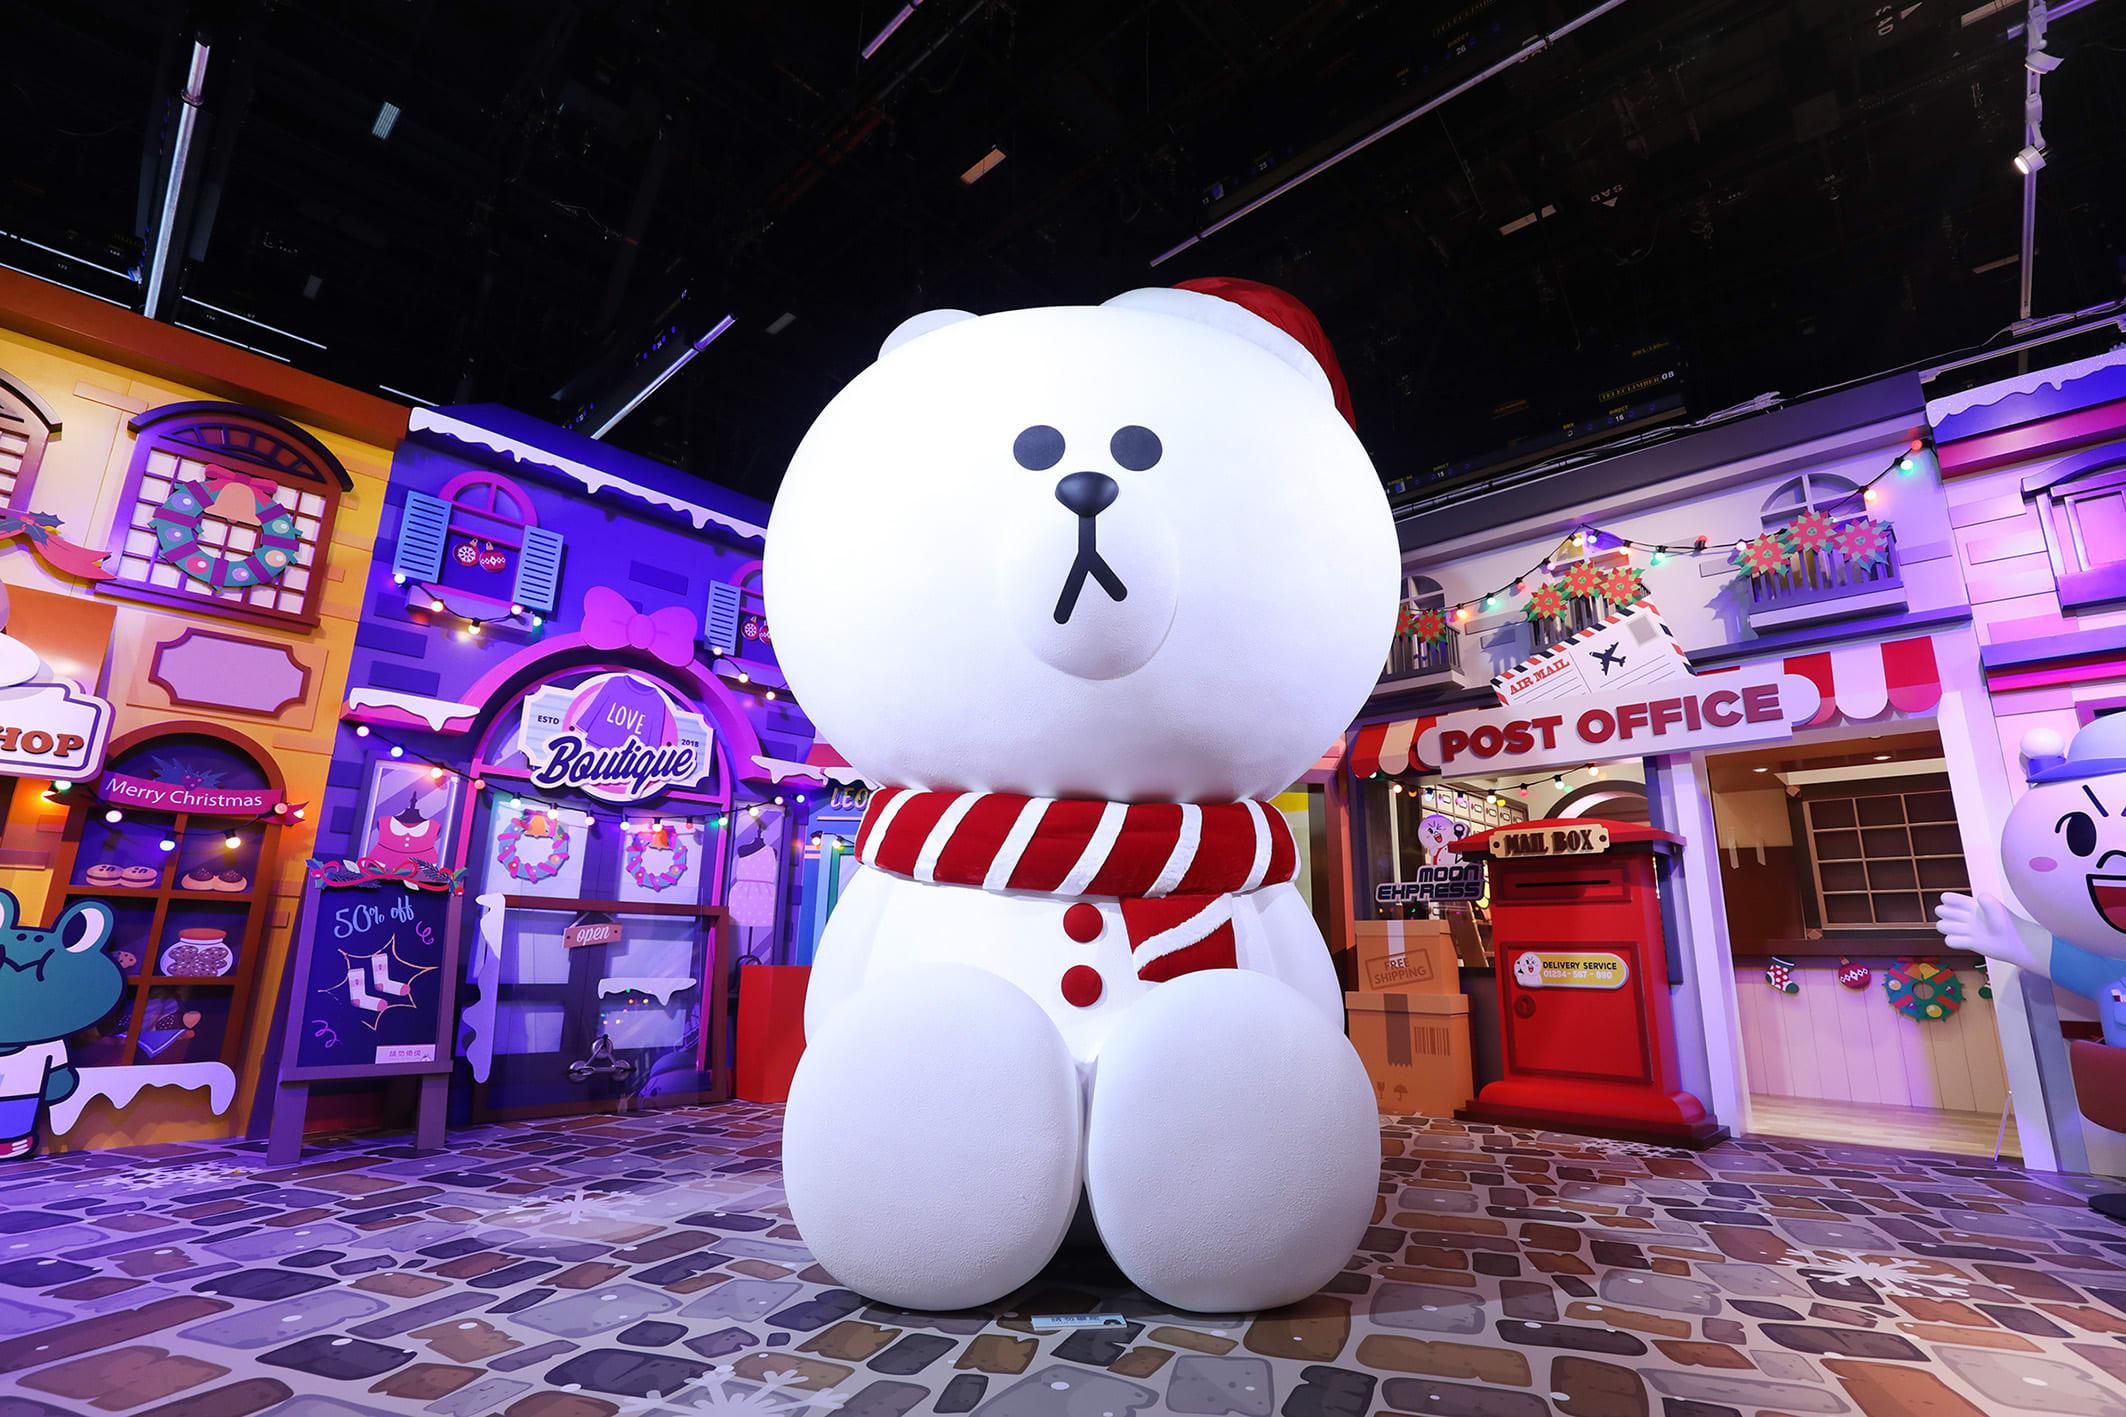 台北展覽,LINE FRIENDS:世界巡迴之旅,三點五米高的閃亮雪白熊大現身歐洲聖誕廣場,讓人超想依偎在他身旁